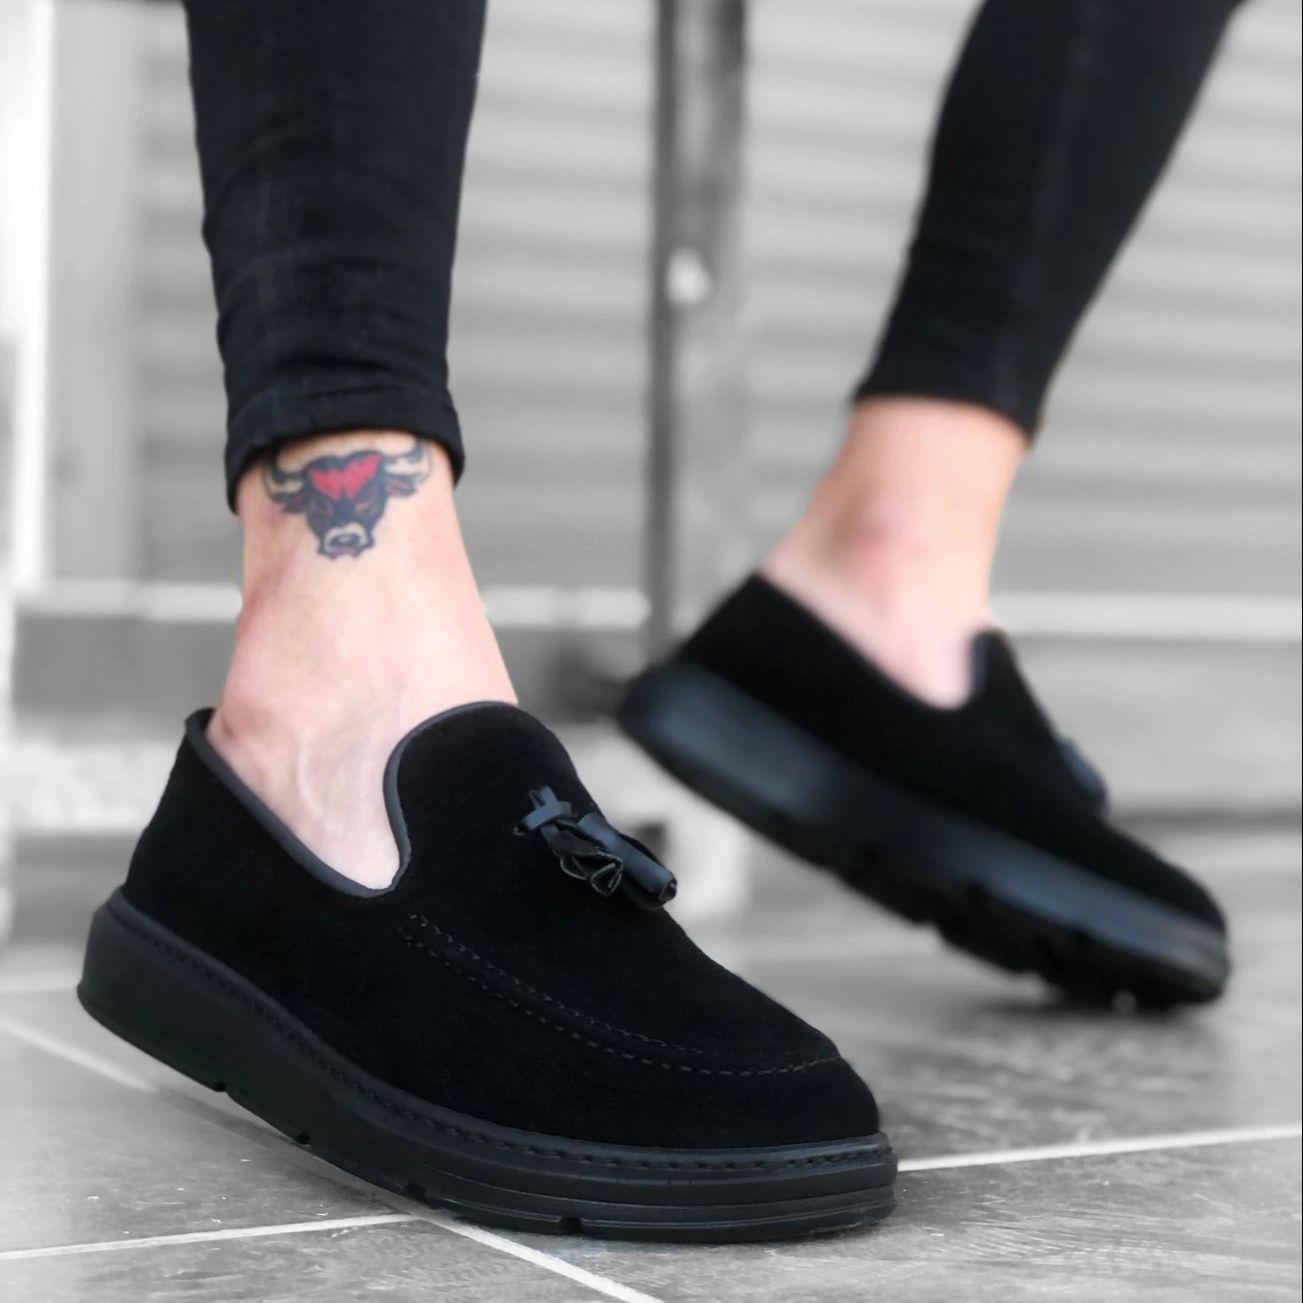 أحذية رجالي موضة 2021 أحذية رياضية بيضاء فاخرة أصلية مريحة وخفيفة الوزن مناسبة للمشي والتنس أحذية رياضية رجالية BA0005 قاعدة عالية من جلد الغزال